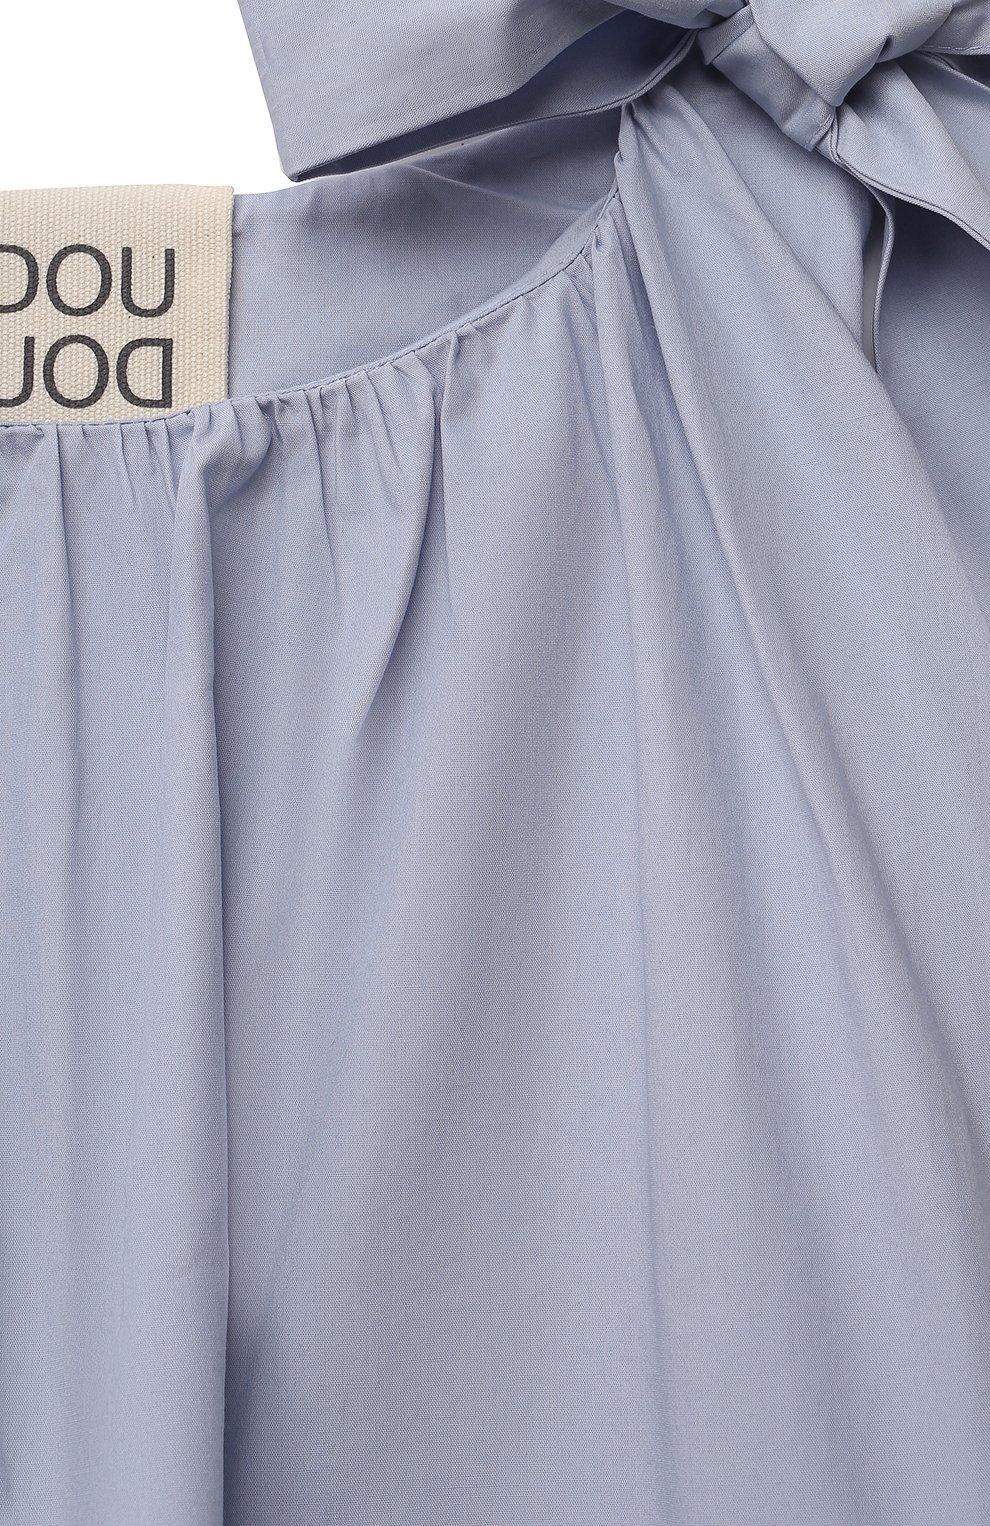 Детское хлопковое платье DOUUOD голубого цвета, арт. 21E/U/JR/AB60/0300/3A-8A | Фото 3 (Рукава: Короткие; Случай: Повседневный; Материал внешний: Хлопок; Девочки Кросс-КТ: Платье-одежда; Материал подклада: Хлопок; Ростовка одежда: 4 года | 104 см, 6 лет | 116 см, 8 лет | 128 см)